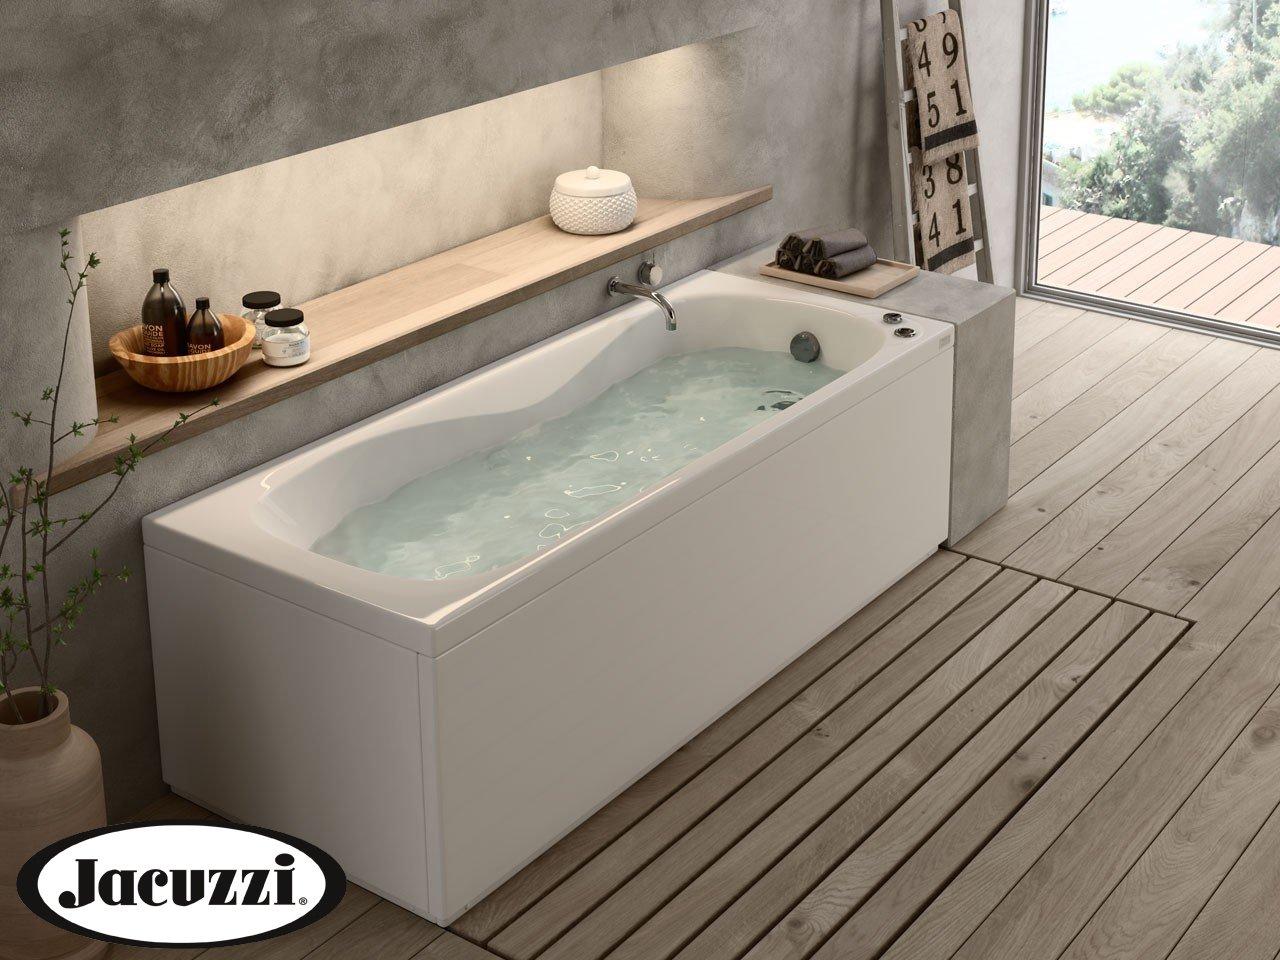 Jacuzzi soho vasca idro 170x70 sx pan fr lat iperceramica - Vasche da bagno sovrapposte prezzi ...